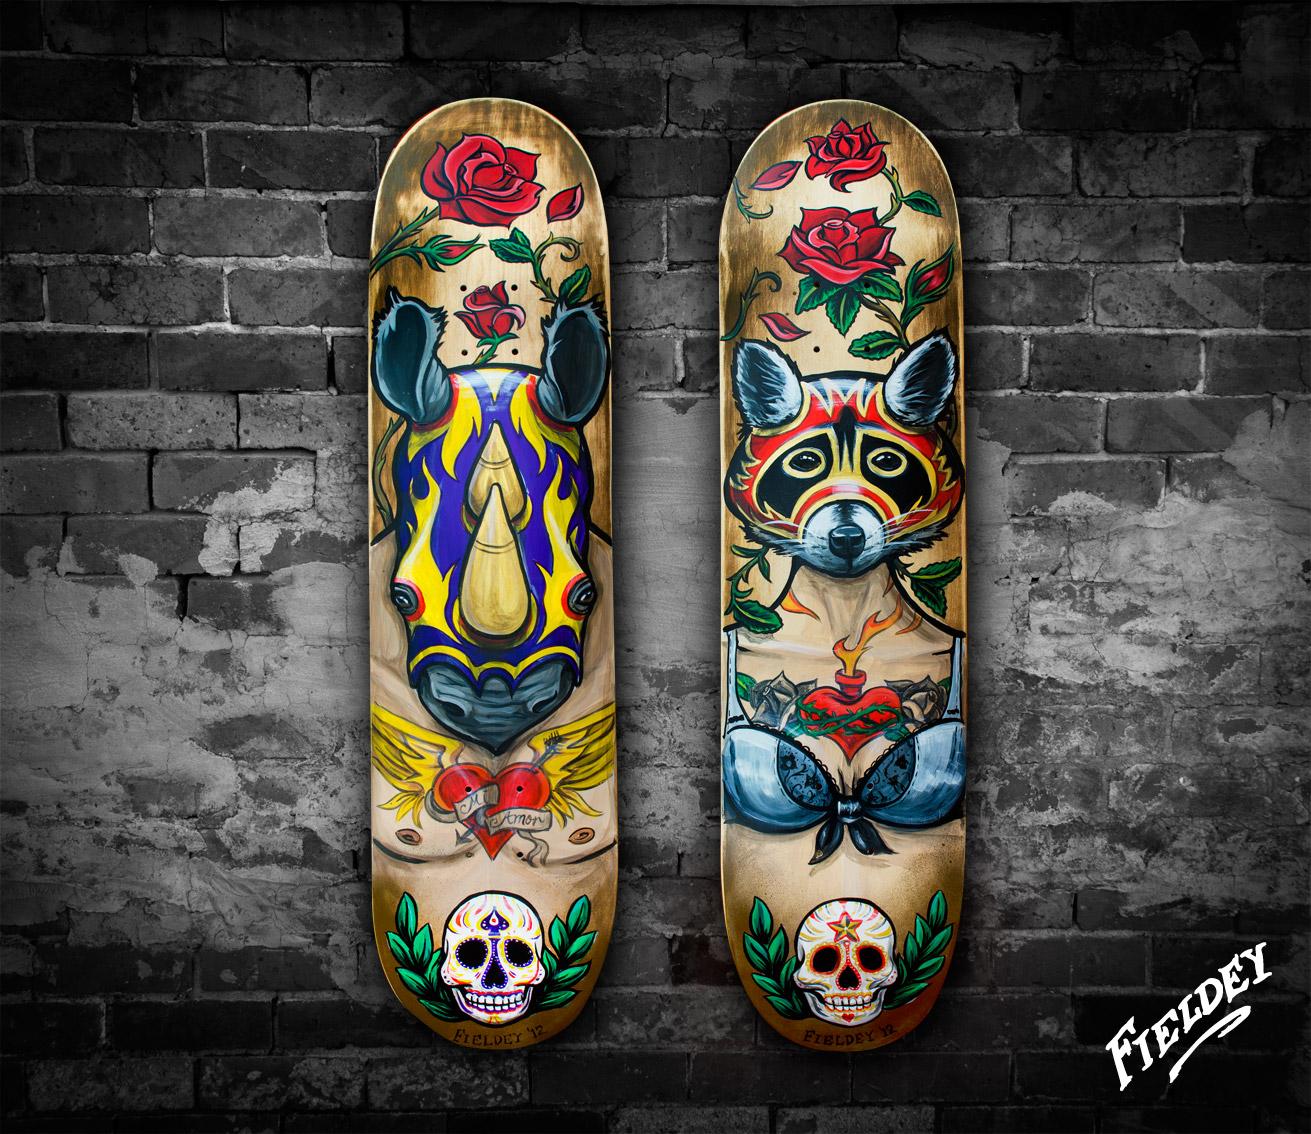 Gift ideas for your discerning loved ones fieldey art for Best paint for skateboard decks